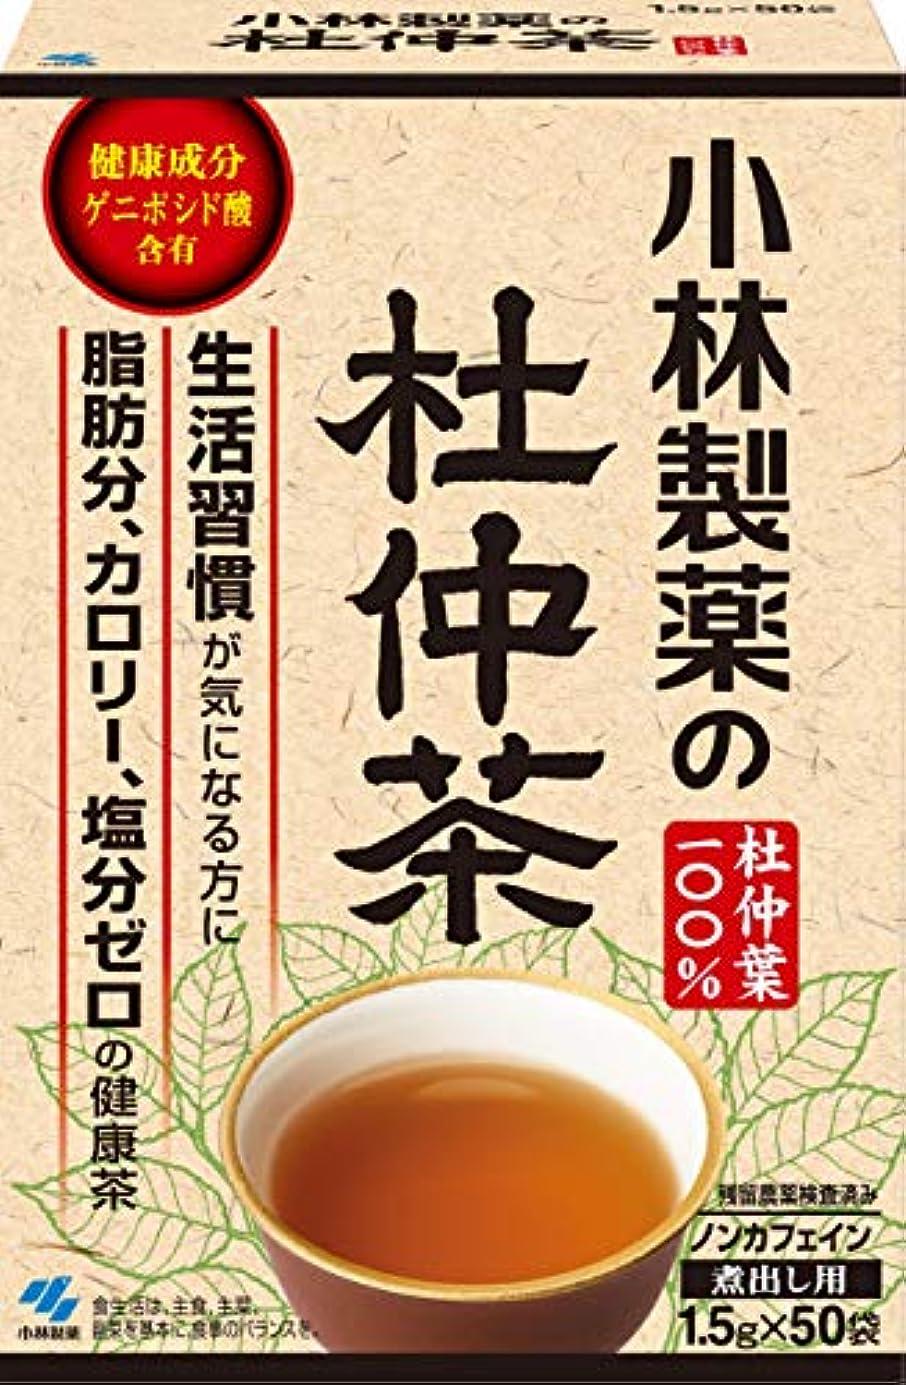 ブースラリー親愛な小林製薬の杜仲茶 1.5g×50袋